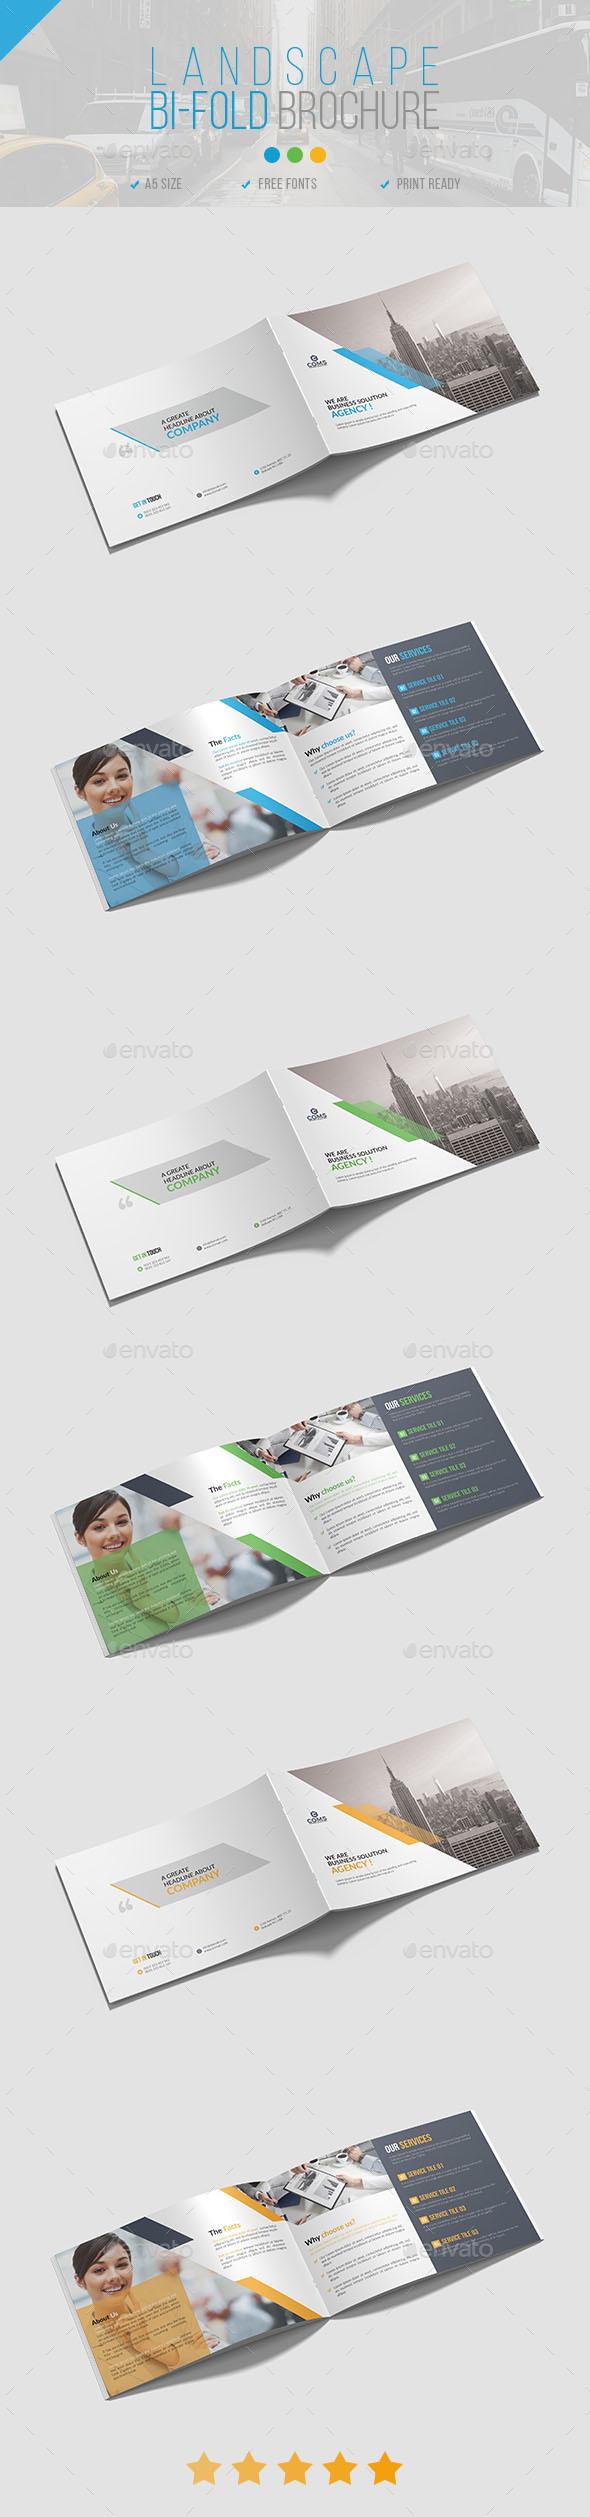 Landscape Bi-Fold Brochure 01 - Corporate Brochures